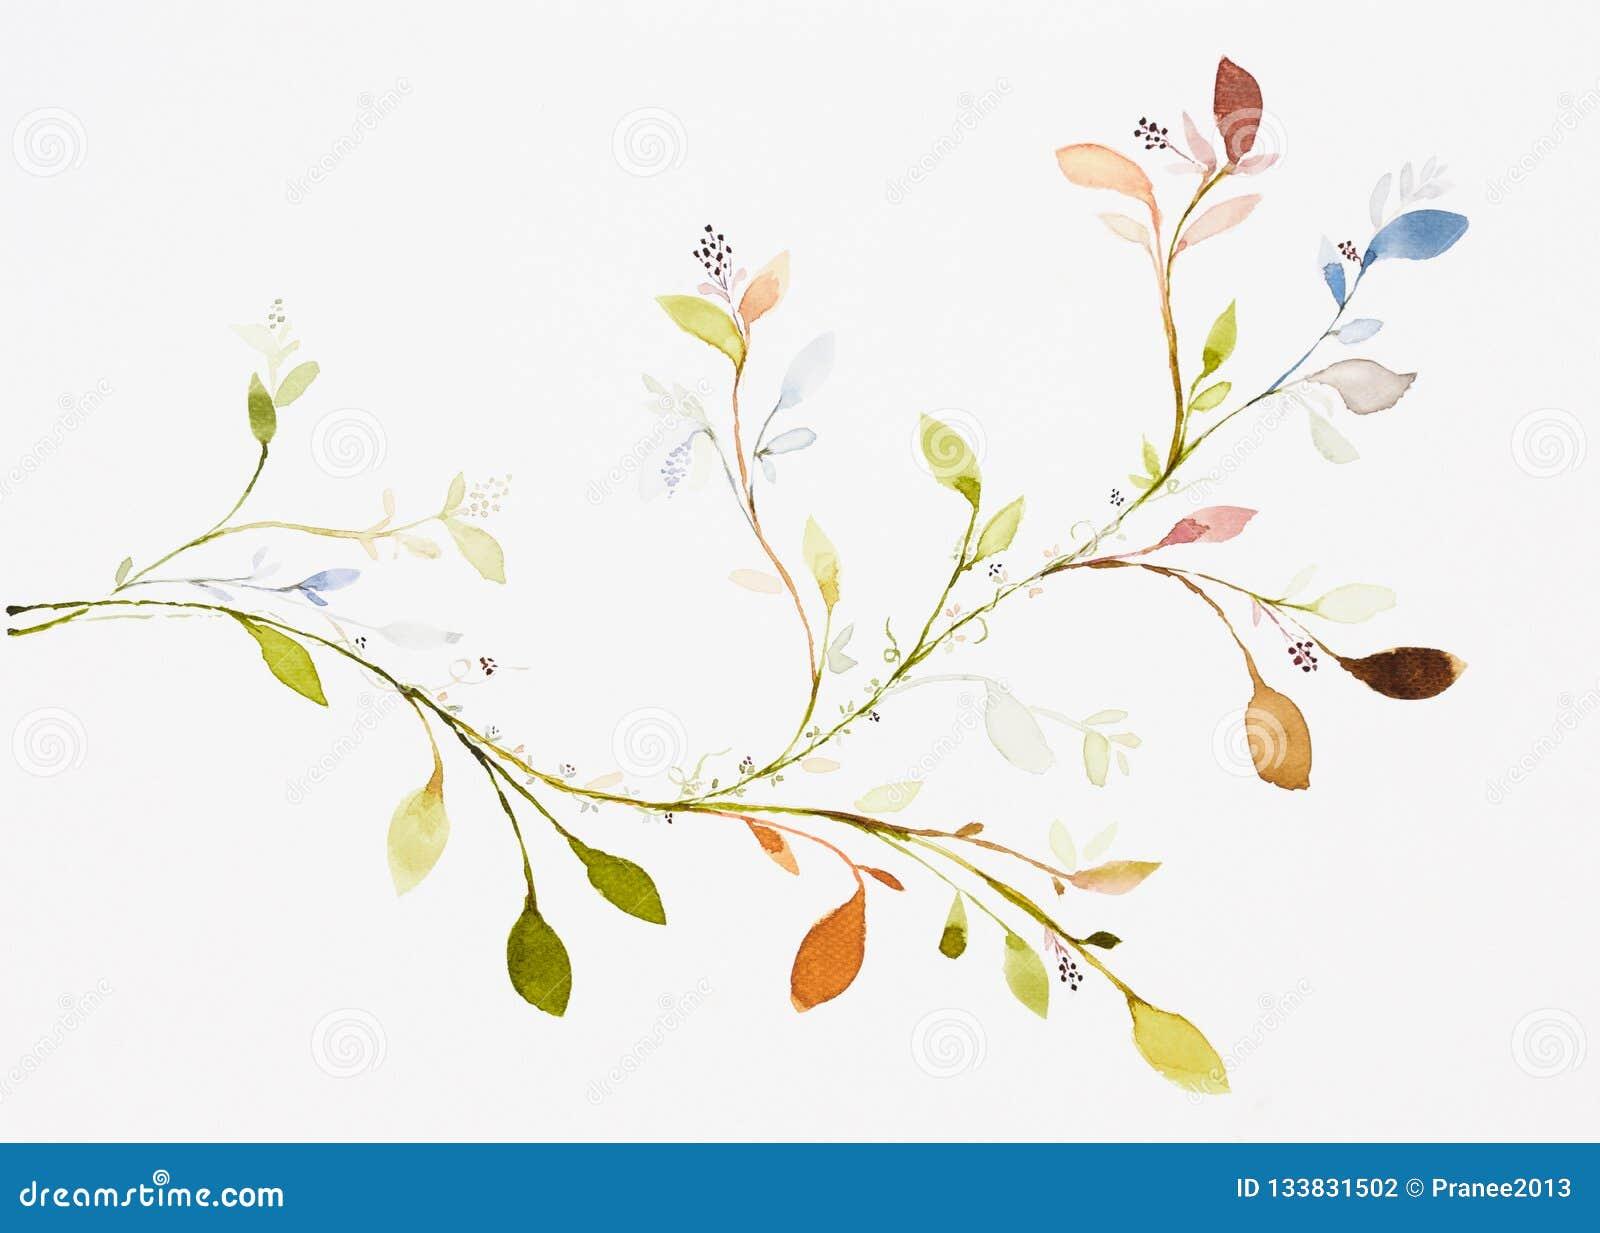 De kleur van het beeldwater, hand trekt, bladeren, takken, klimop